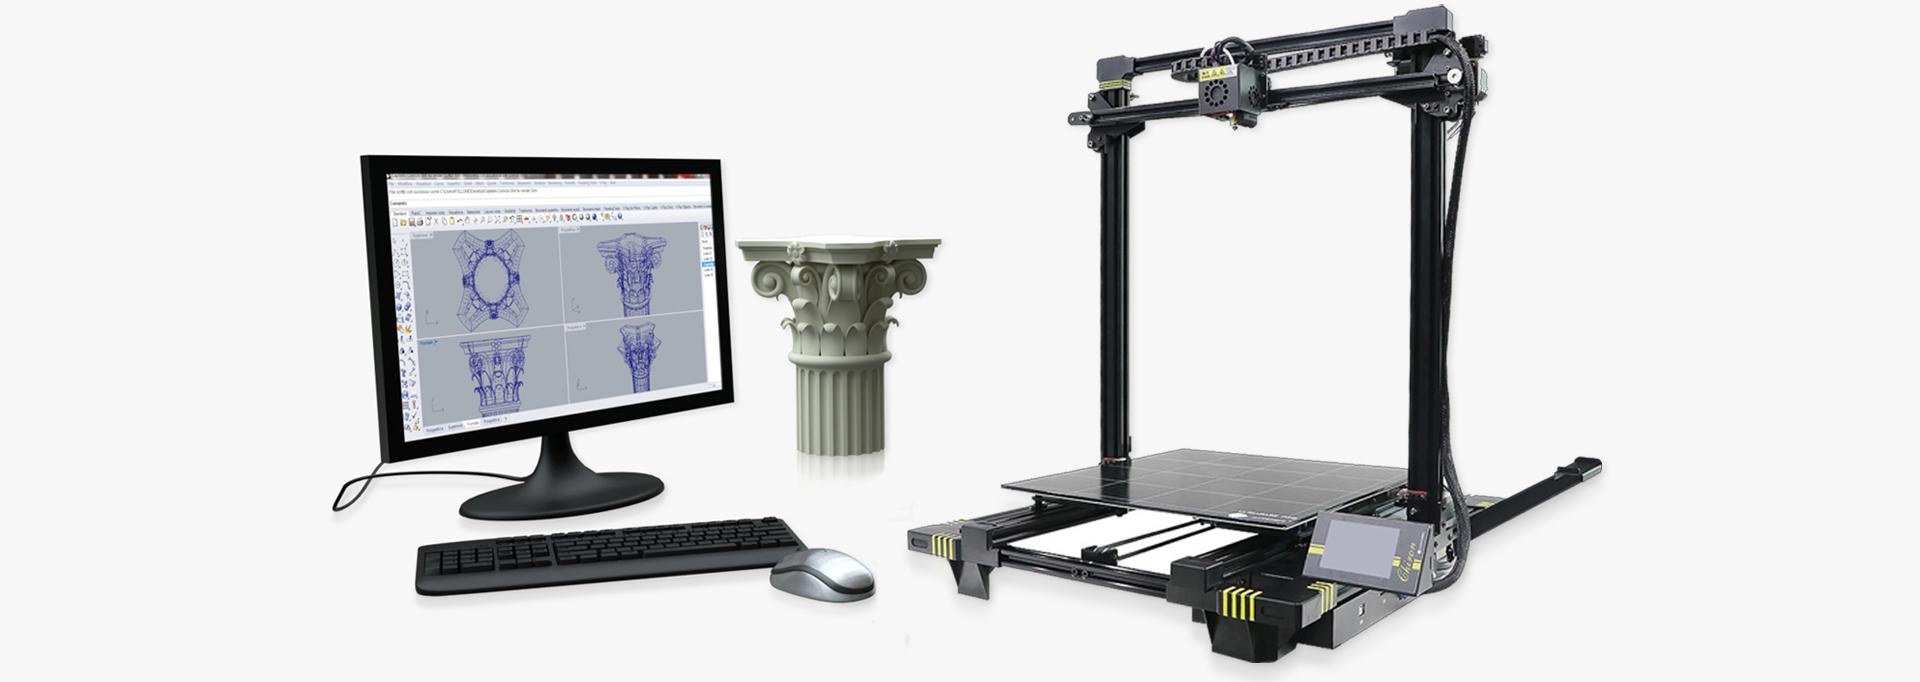 Master – Modell.ne Rhino & Stampa 3D - Formazione Grafica 3D AAP Studio – Napoli